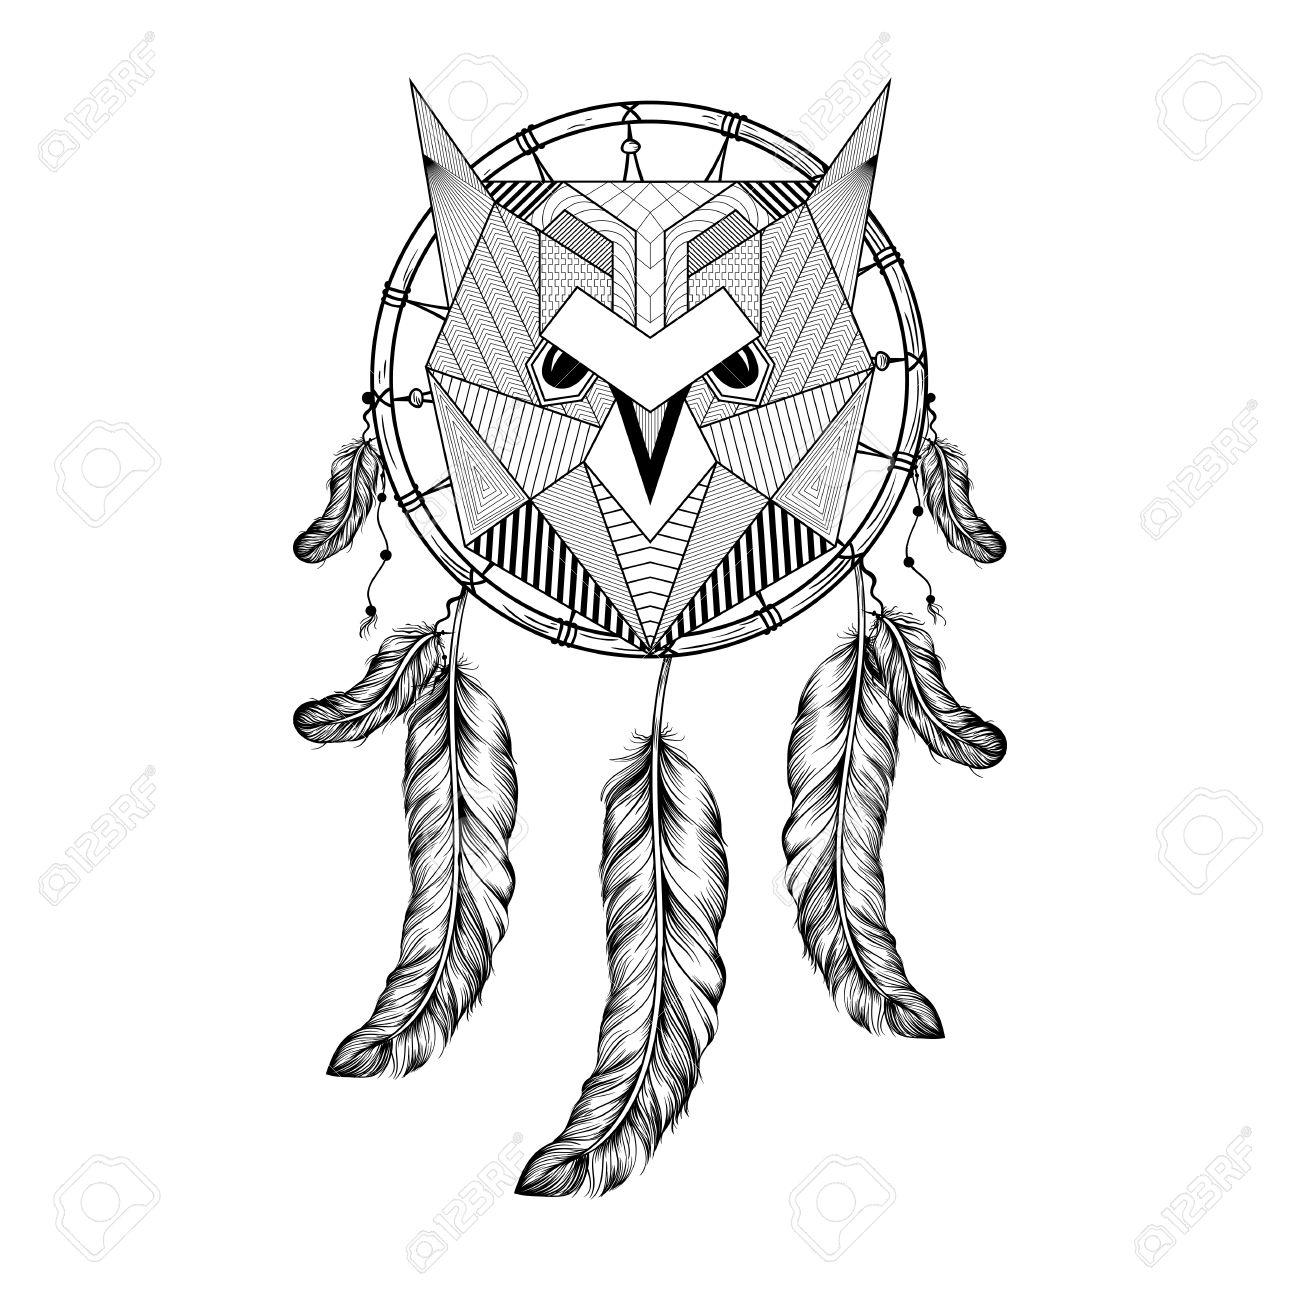 Dibujado A Mano Del Pájaro Del Búho El Recogedor De Sueño Con Plumas ...